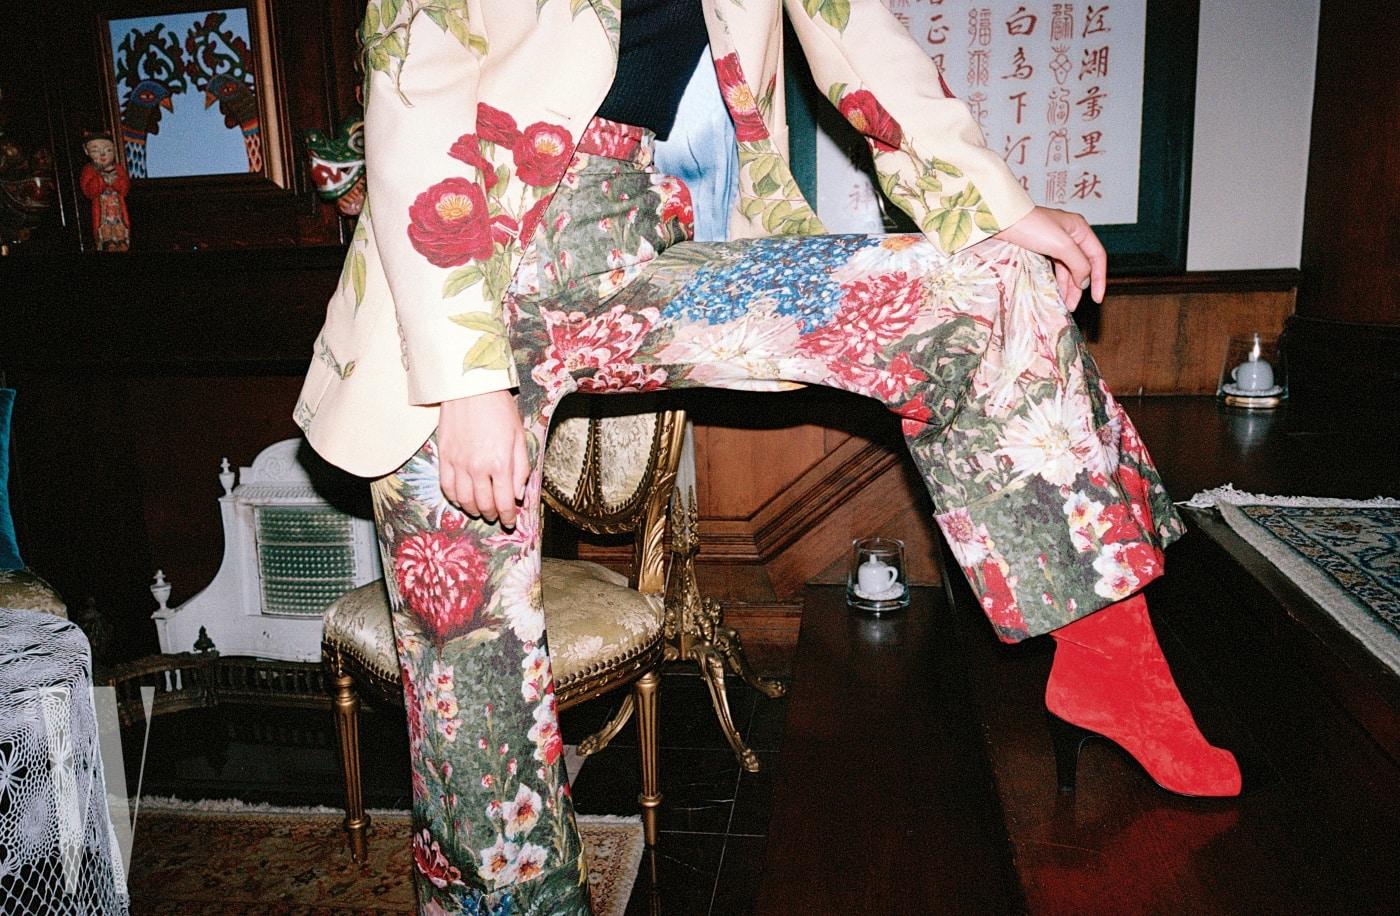 오리엔탈 무드의 자카드 소재 팬츠 슈트는 구찌 제품. 가격 미정. 스웨이드 소재 앵클부츠는 샤넬 제품. 가격 미정. 간결한 니트 스웨터는 에디터 소장품.